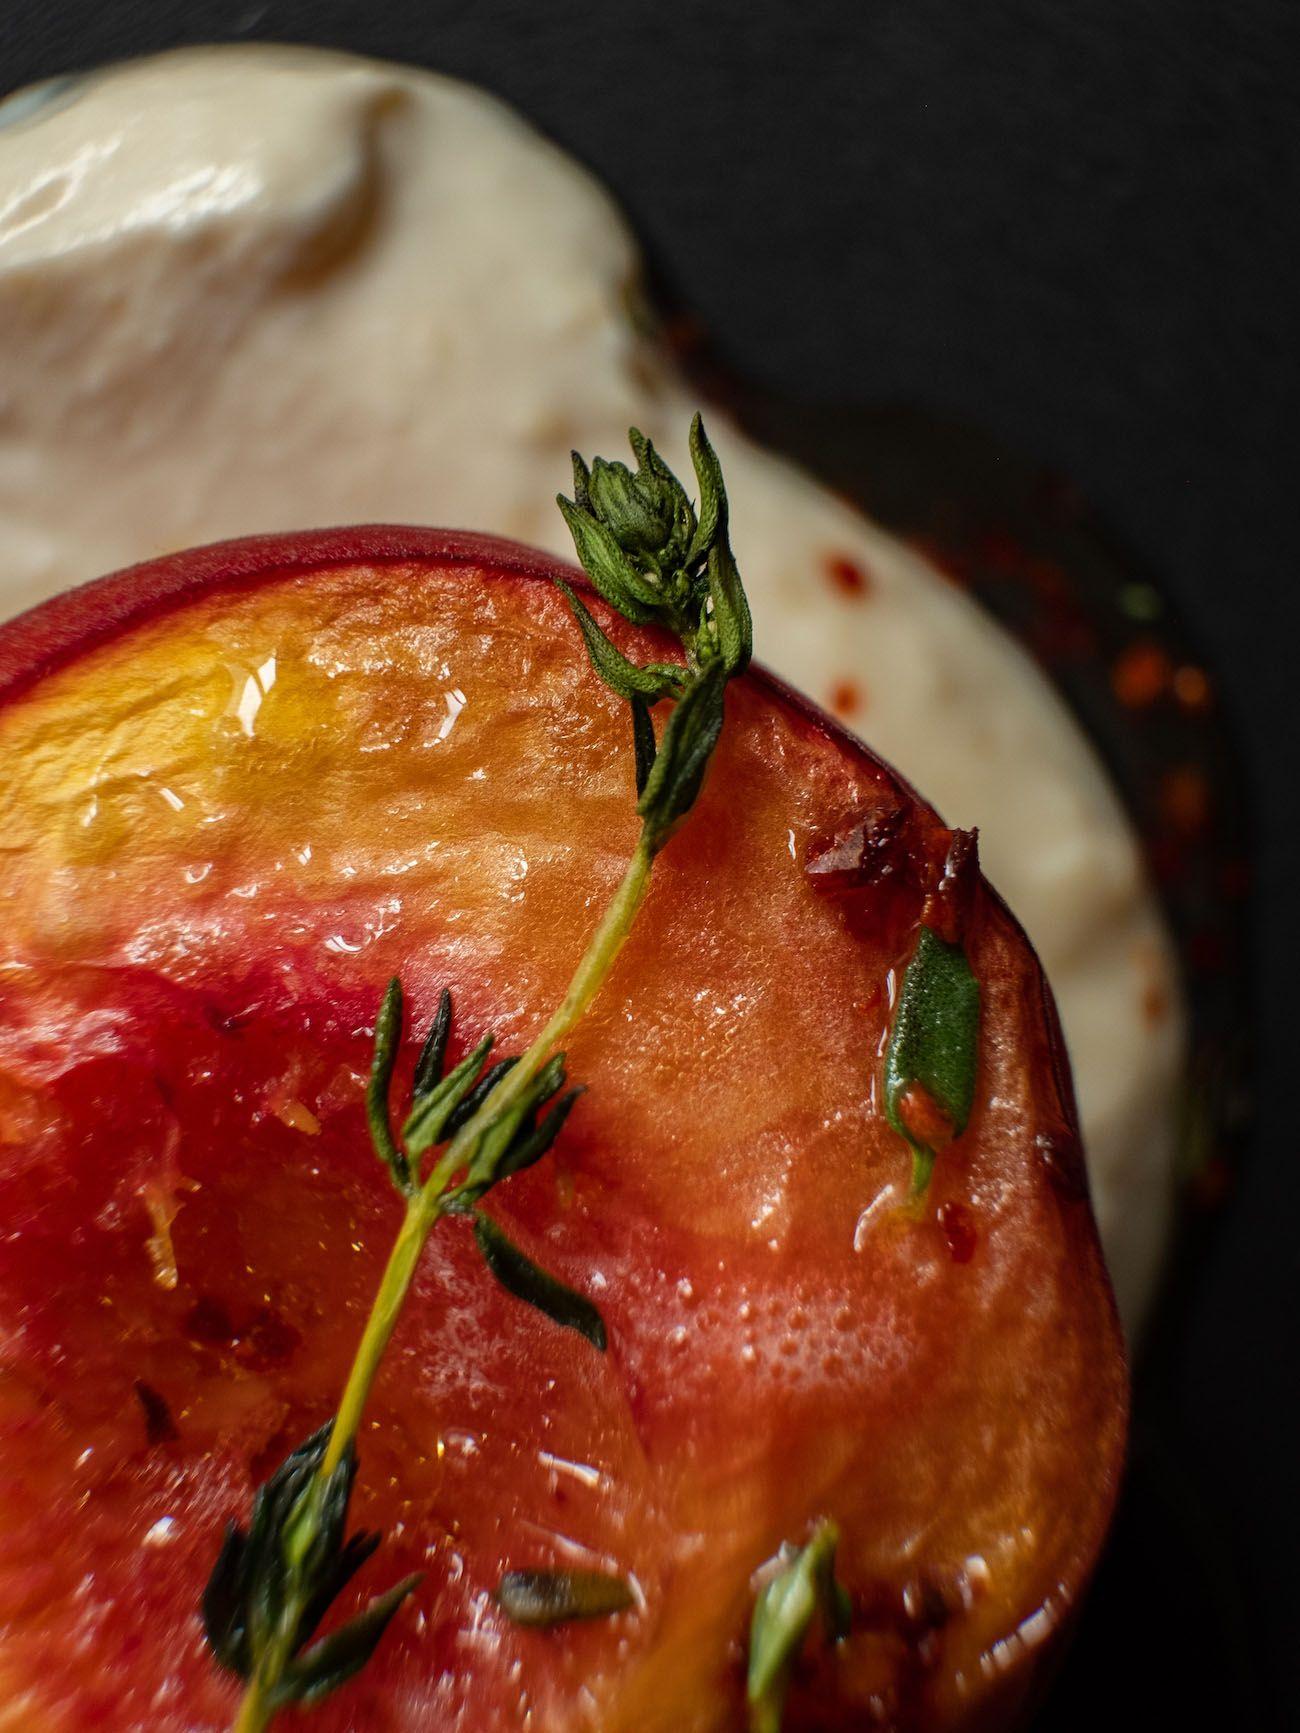 About Fuel, Foodblog, Rezept, Gebackene Pfirsiche und Aprikosen, Thymian, Ricotta